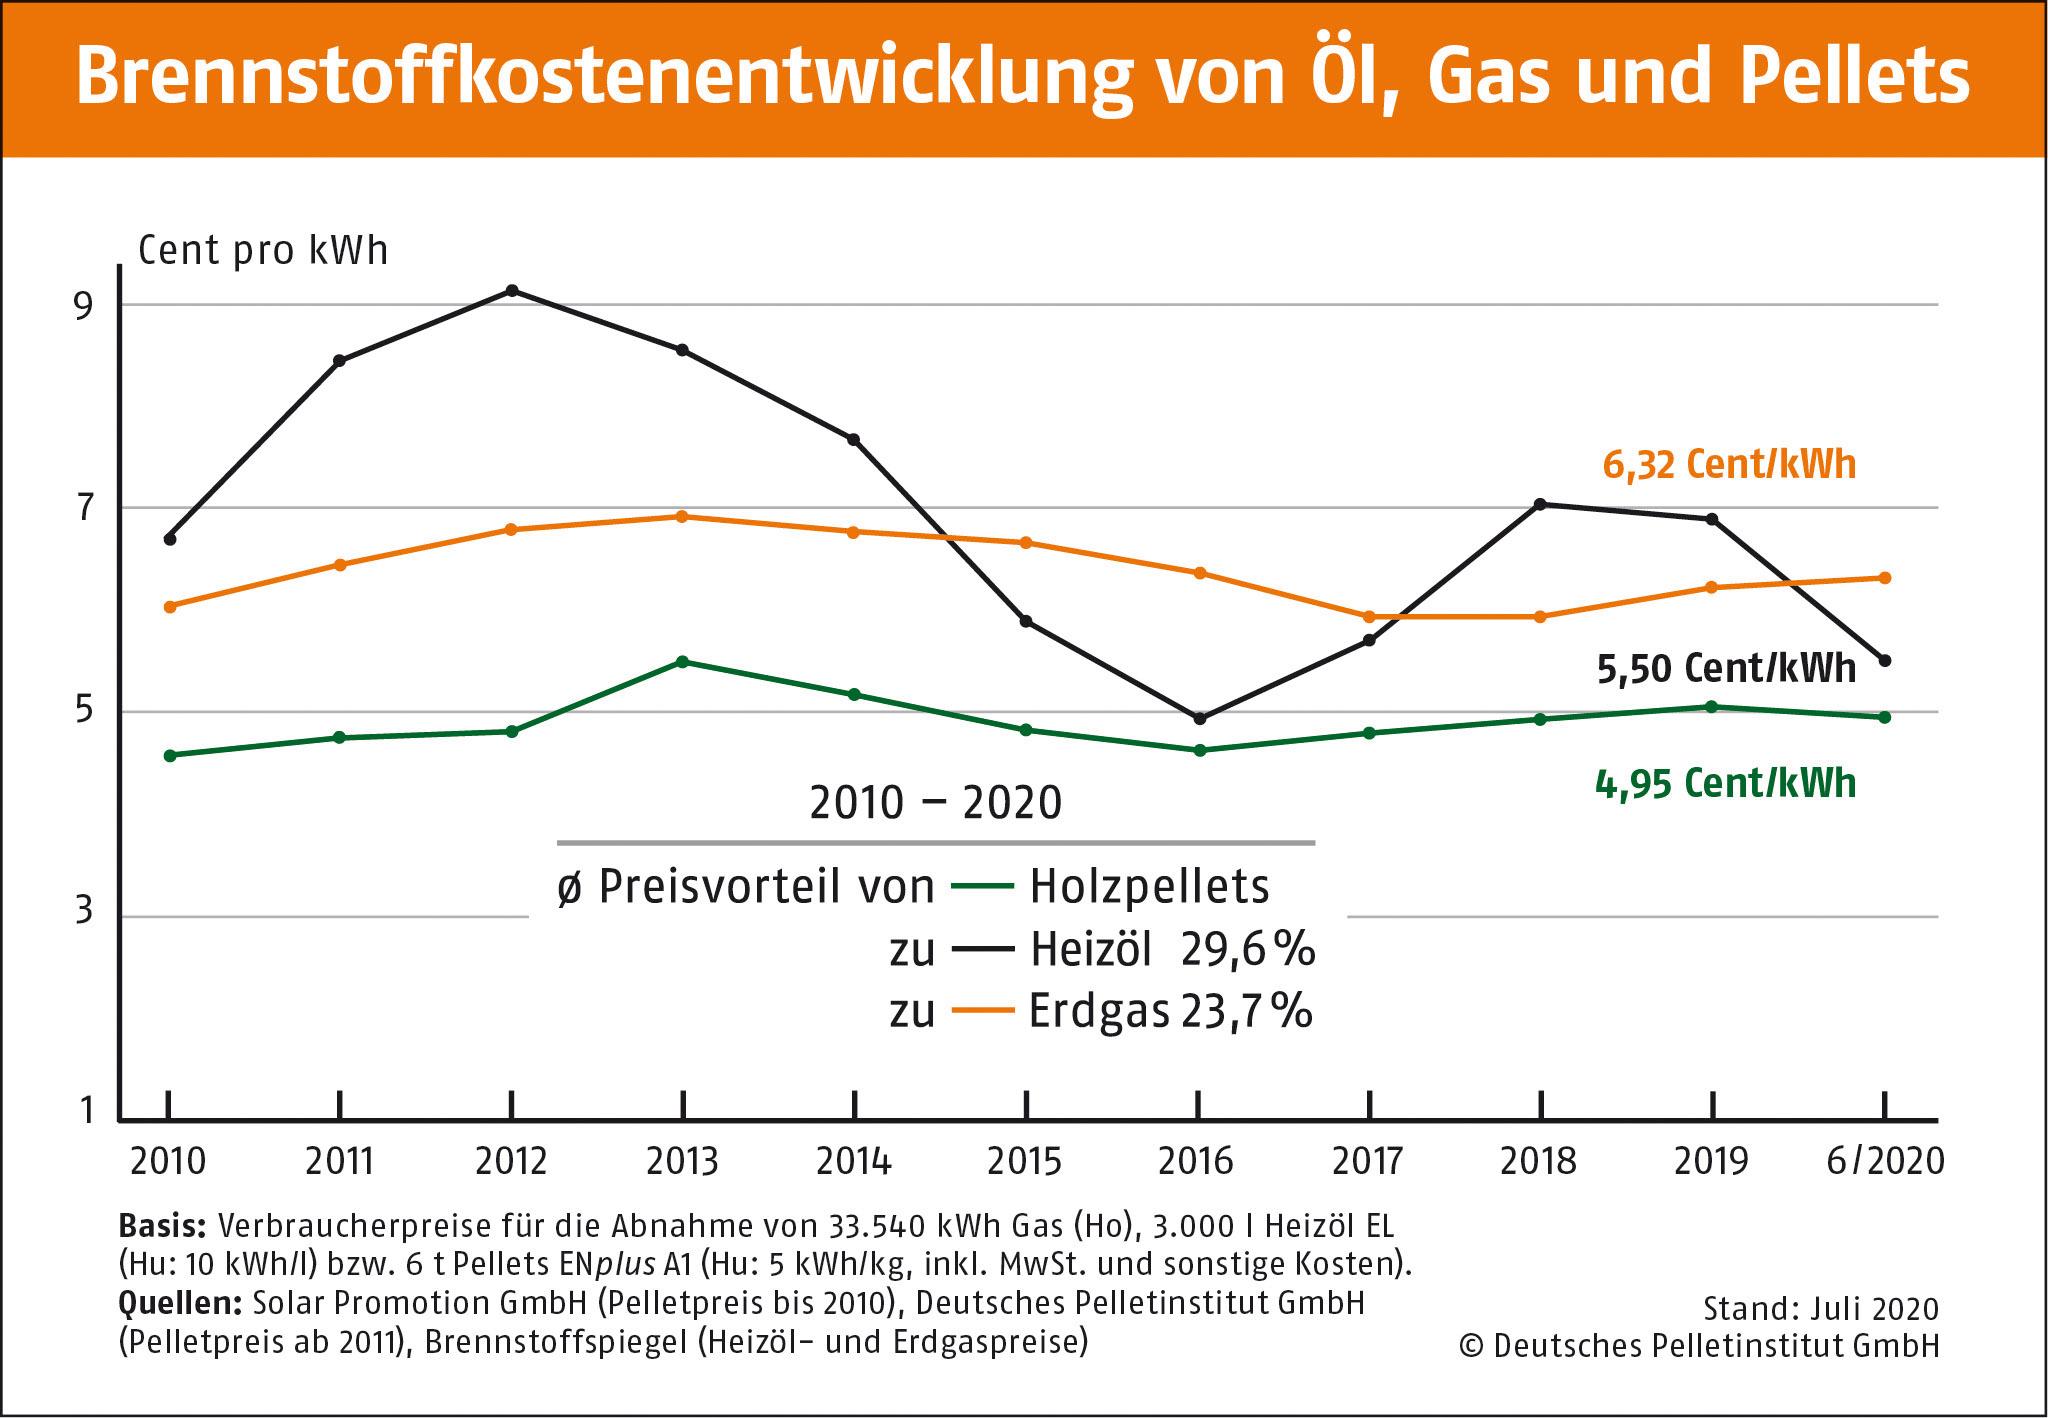 Info-Grafik zu Brennstoffkostenentwicklung von Öl, Gas und Pellets